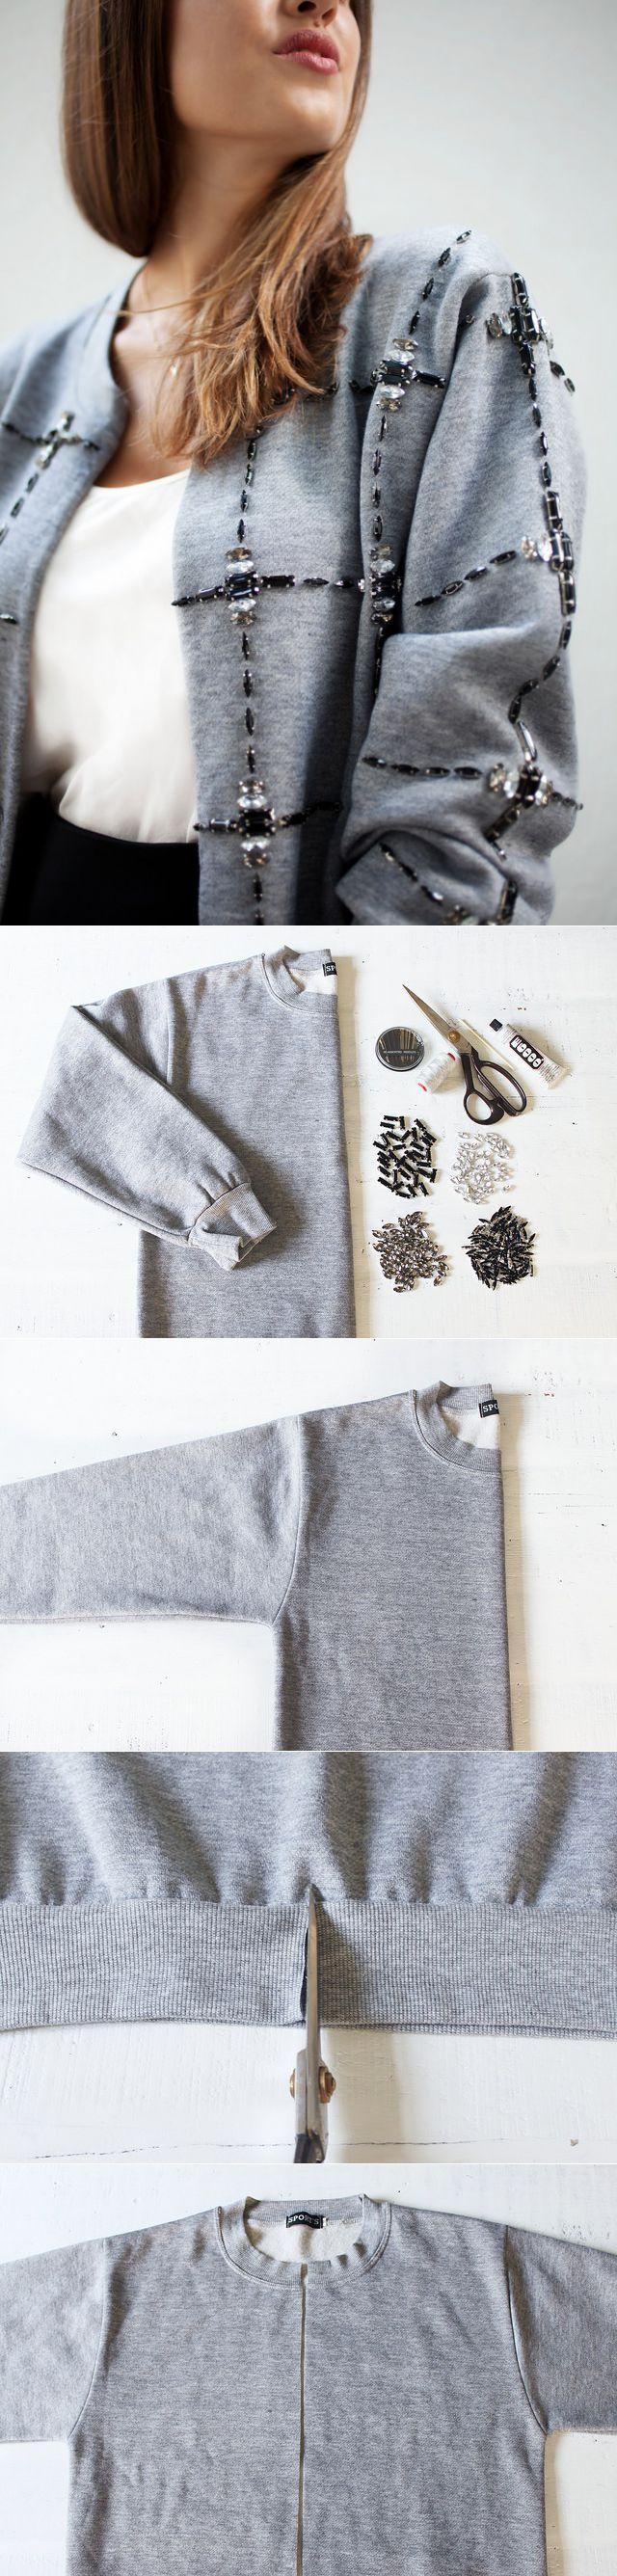 Мастер-класс: одно скромное платье- 4 разных образа новые фото